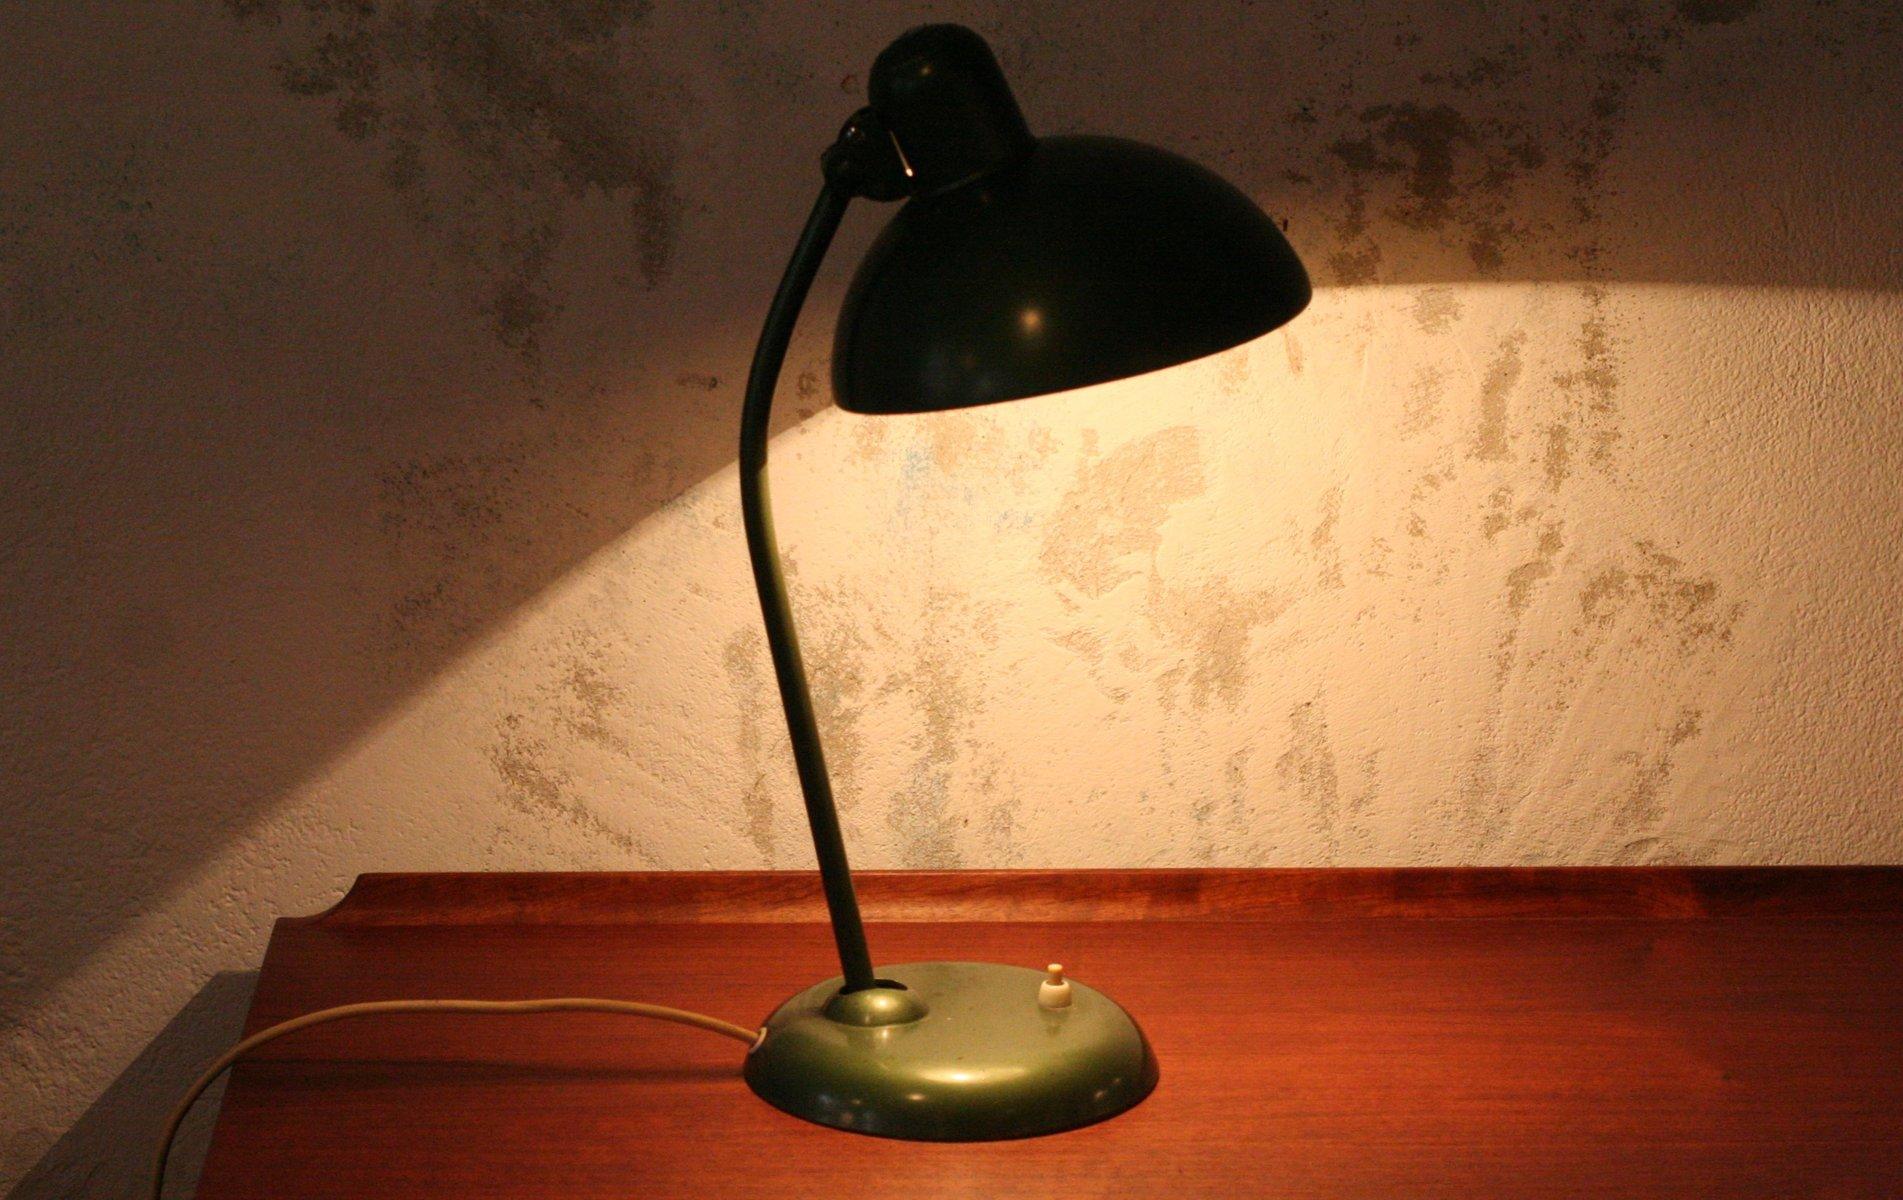 lampe de bureau 6556 vintage par christian dell pour kaiser leuchten en vente sur pamono. Black Bedroom Furniture Sets. Home Design Ideas